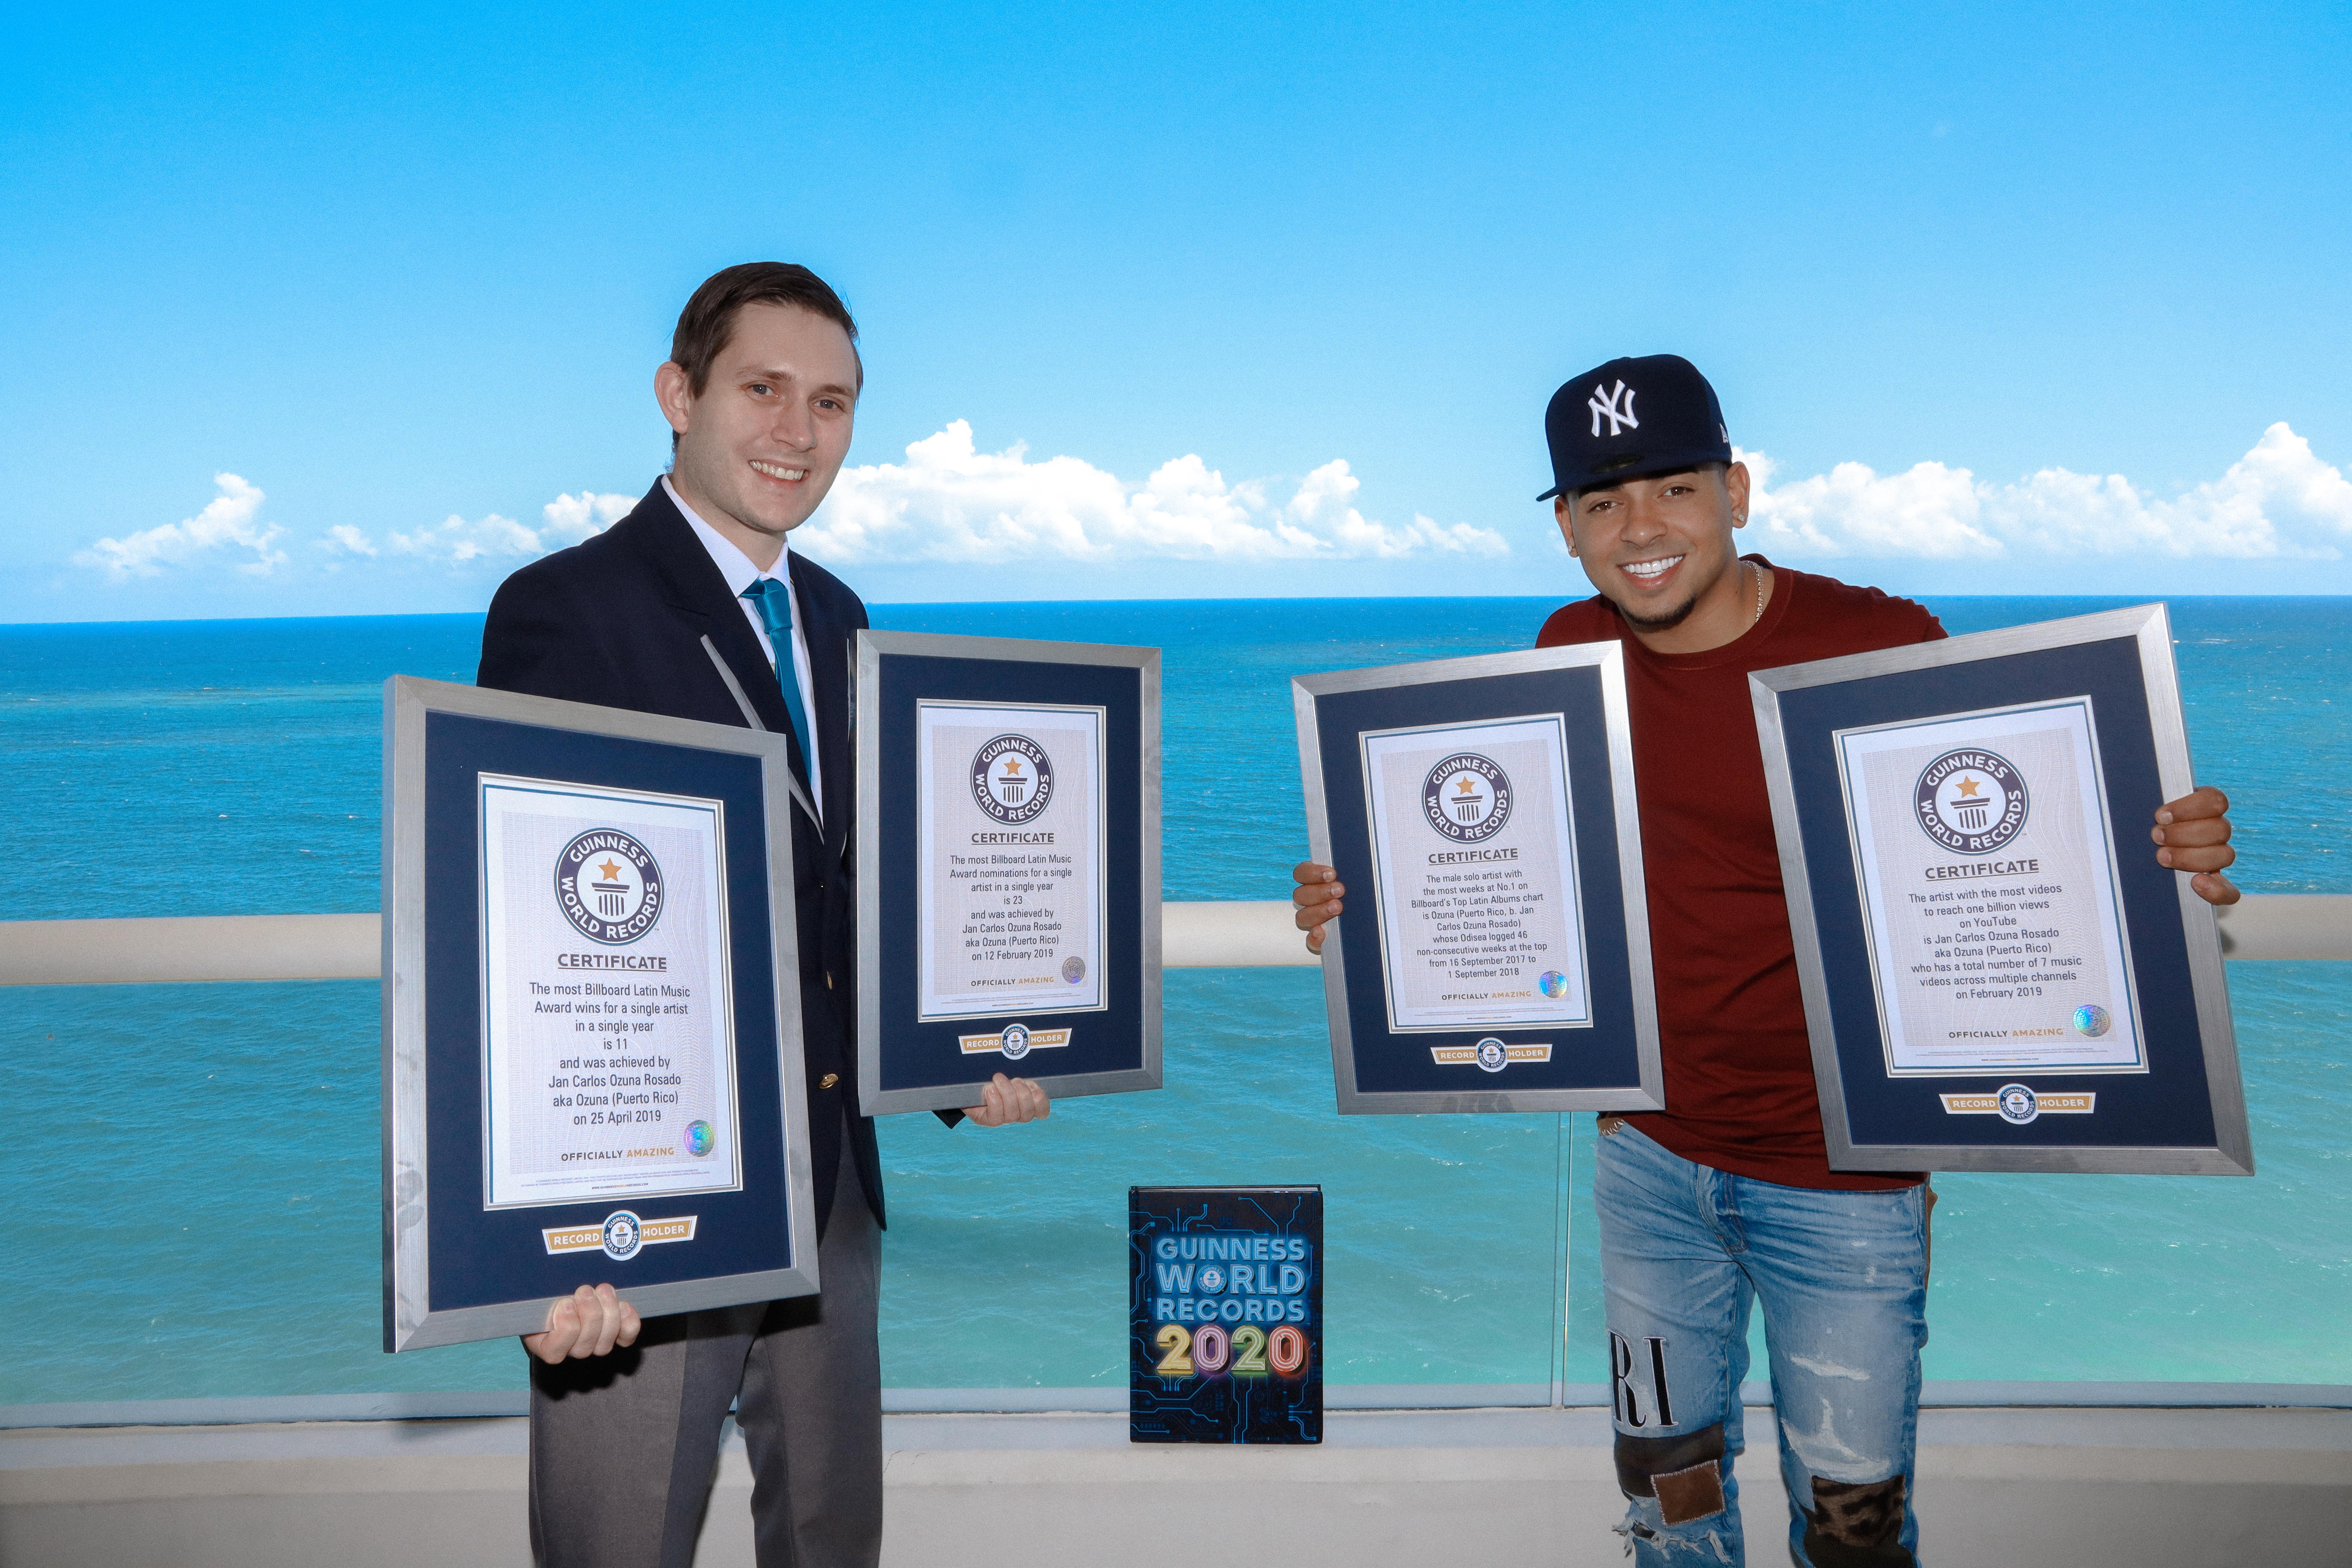 Ozuna recibe Guinness World Records